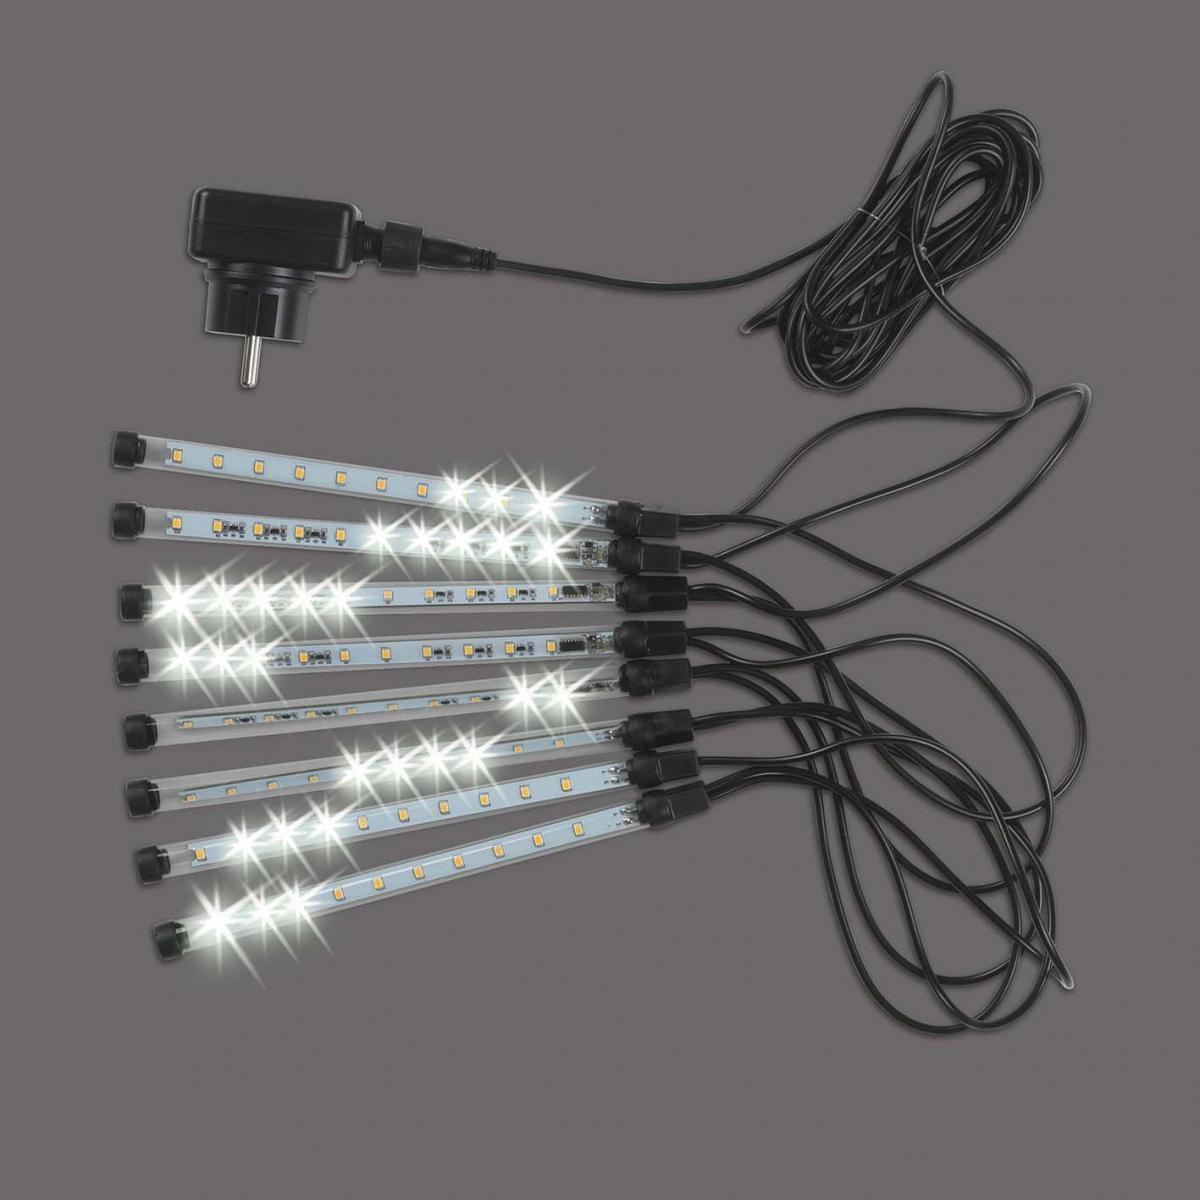 Bild 5 von EASYmaxx LED-Leuchtkette Meteorit 8er-Set 4W weiß